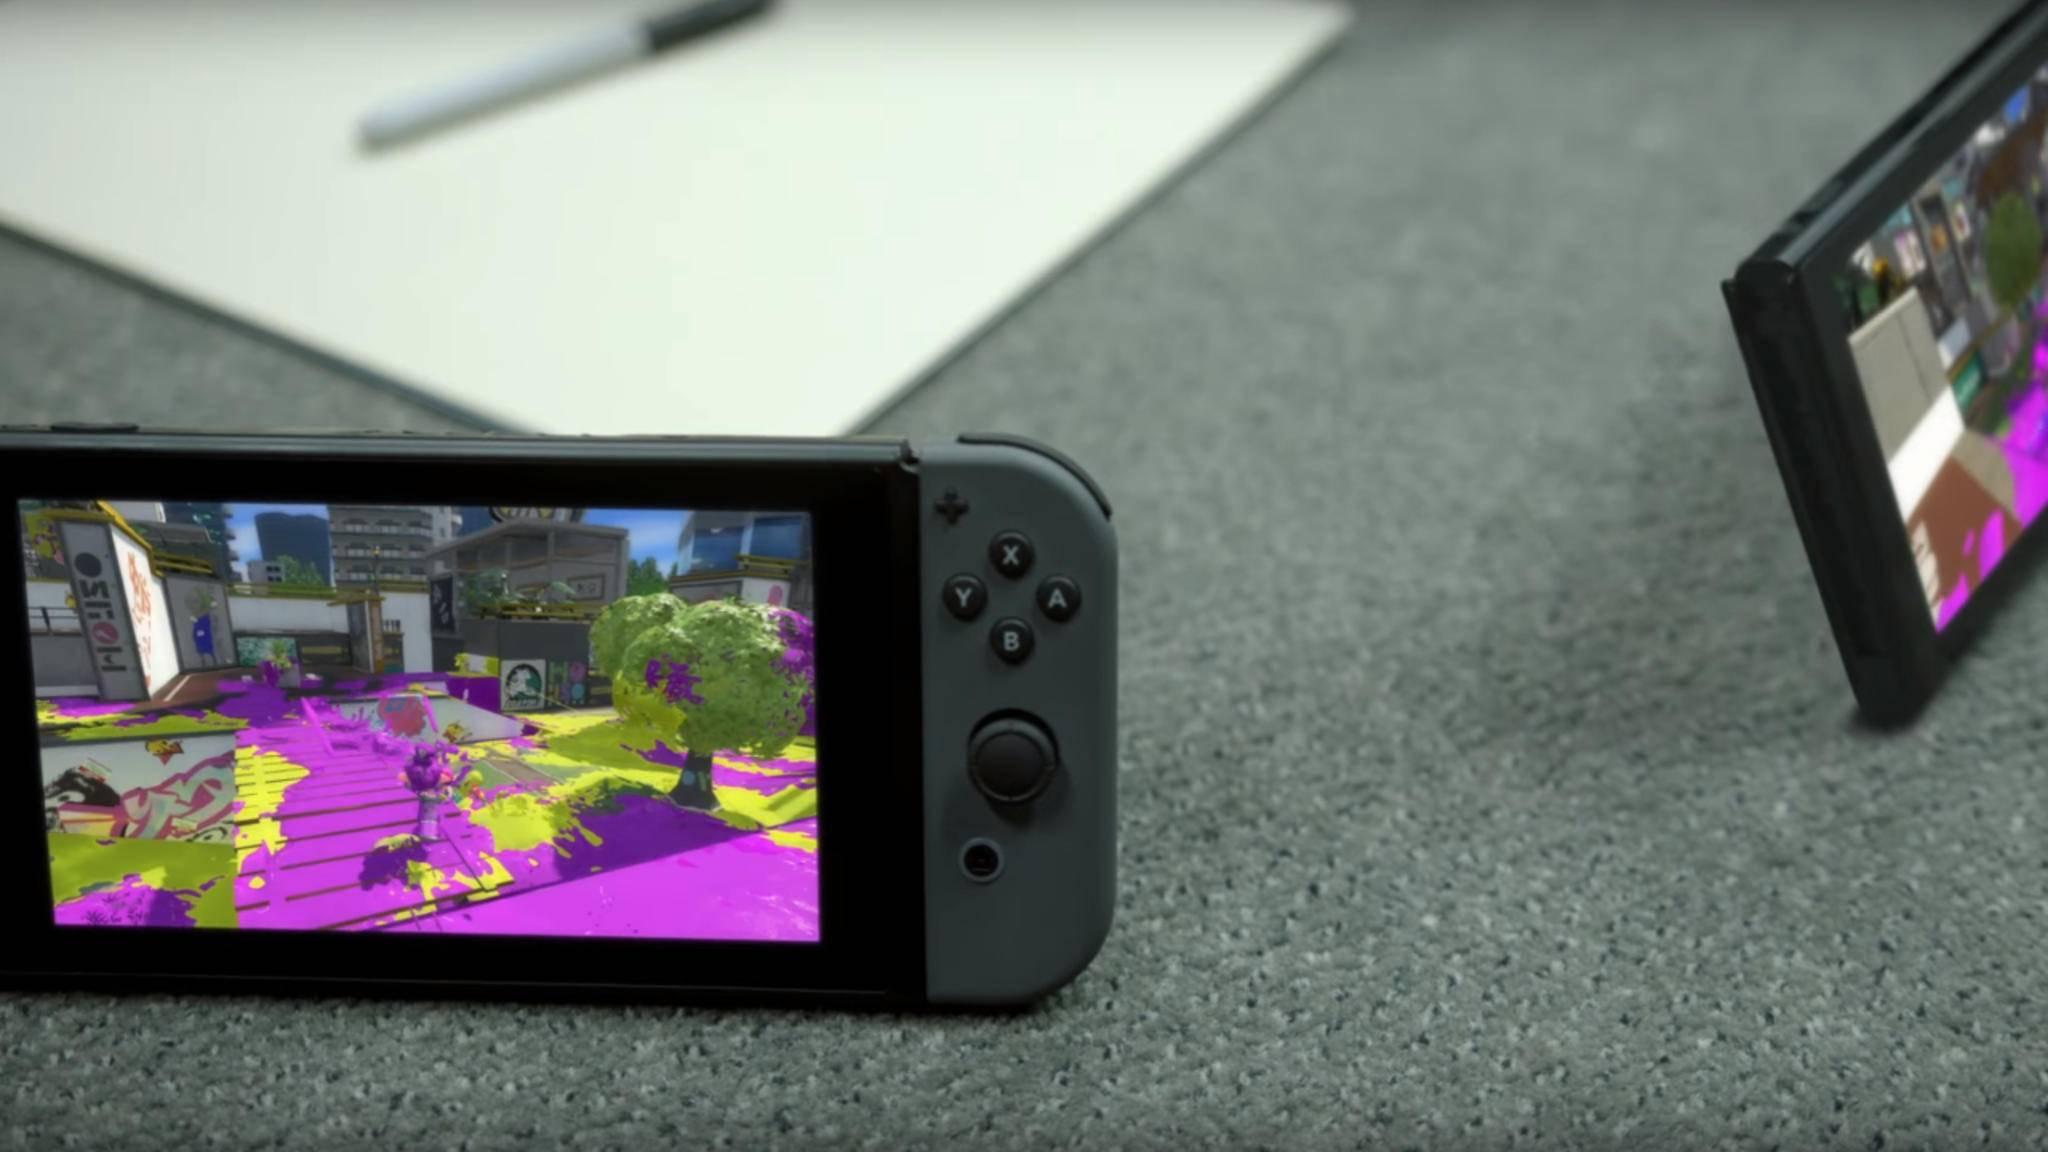 Angeblich soll die Nintendo Switch 4 GB Arbeitsspeicher besitzen.